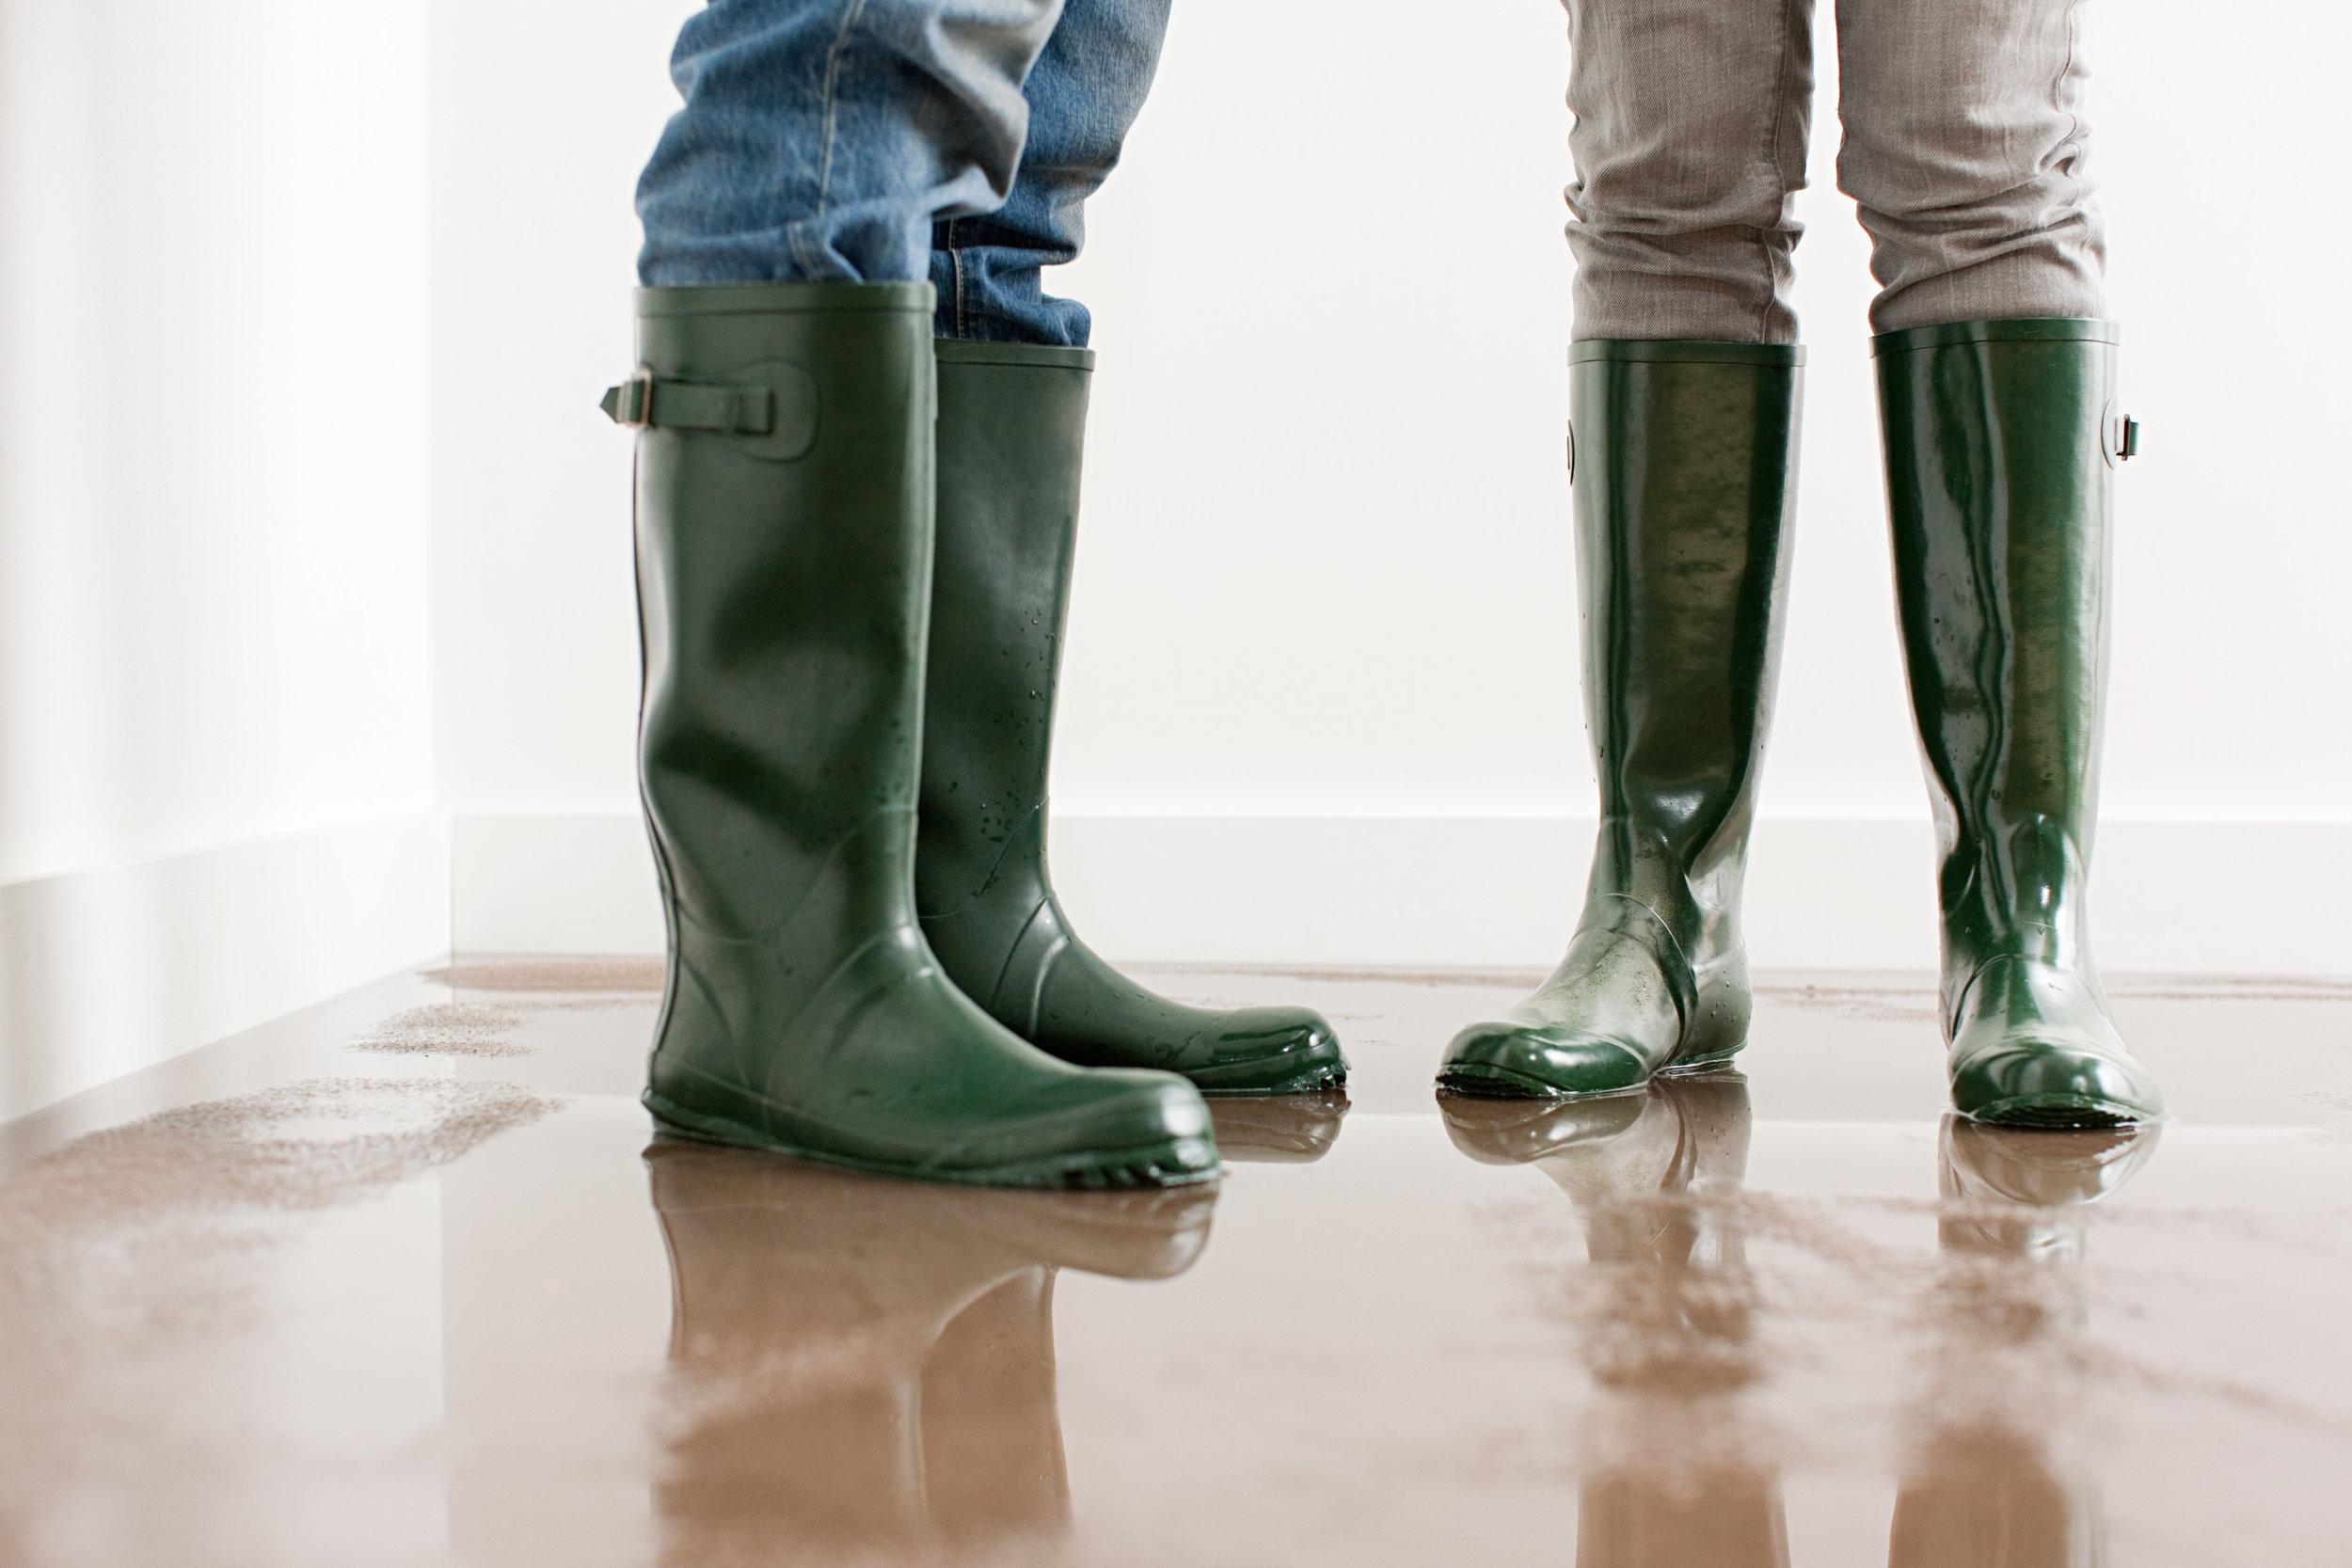 Uden læksikring - kan den skjulte vandskade udvikle sig gennem lang tid og blive meget dyr at udbedre.